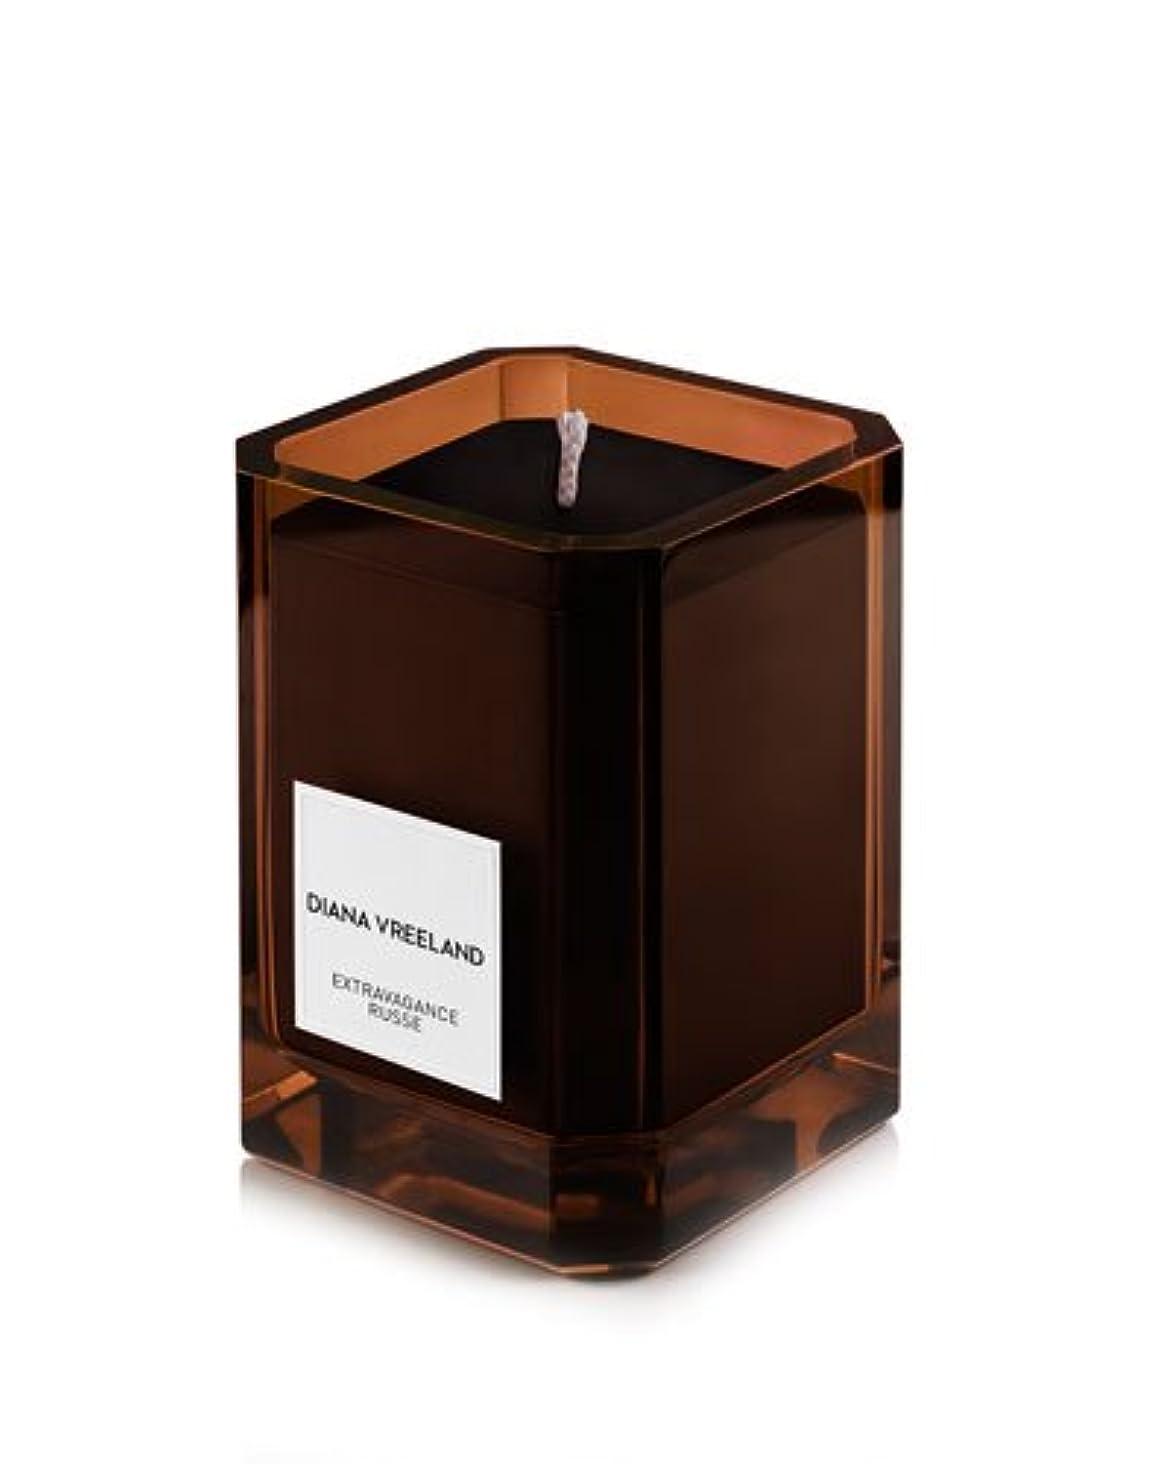 松時刻表気怠いDiana Vreeland Extravagance Russe(ダイアナ ヴリーランド エクストラバガンス リュス) 9.7 oz (291ml) Candle (香りつきキャンドル)